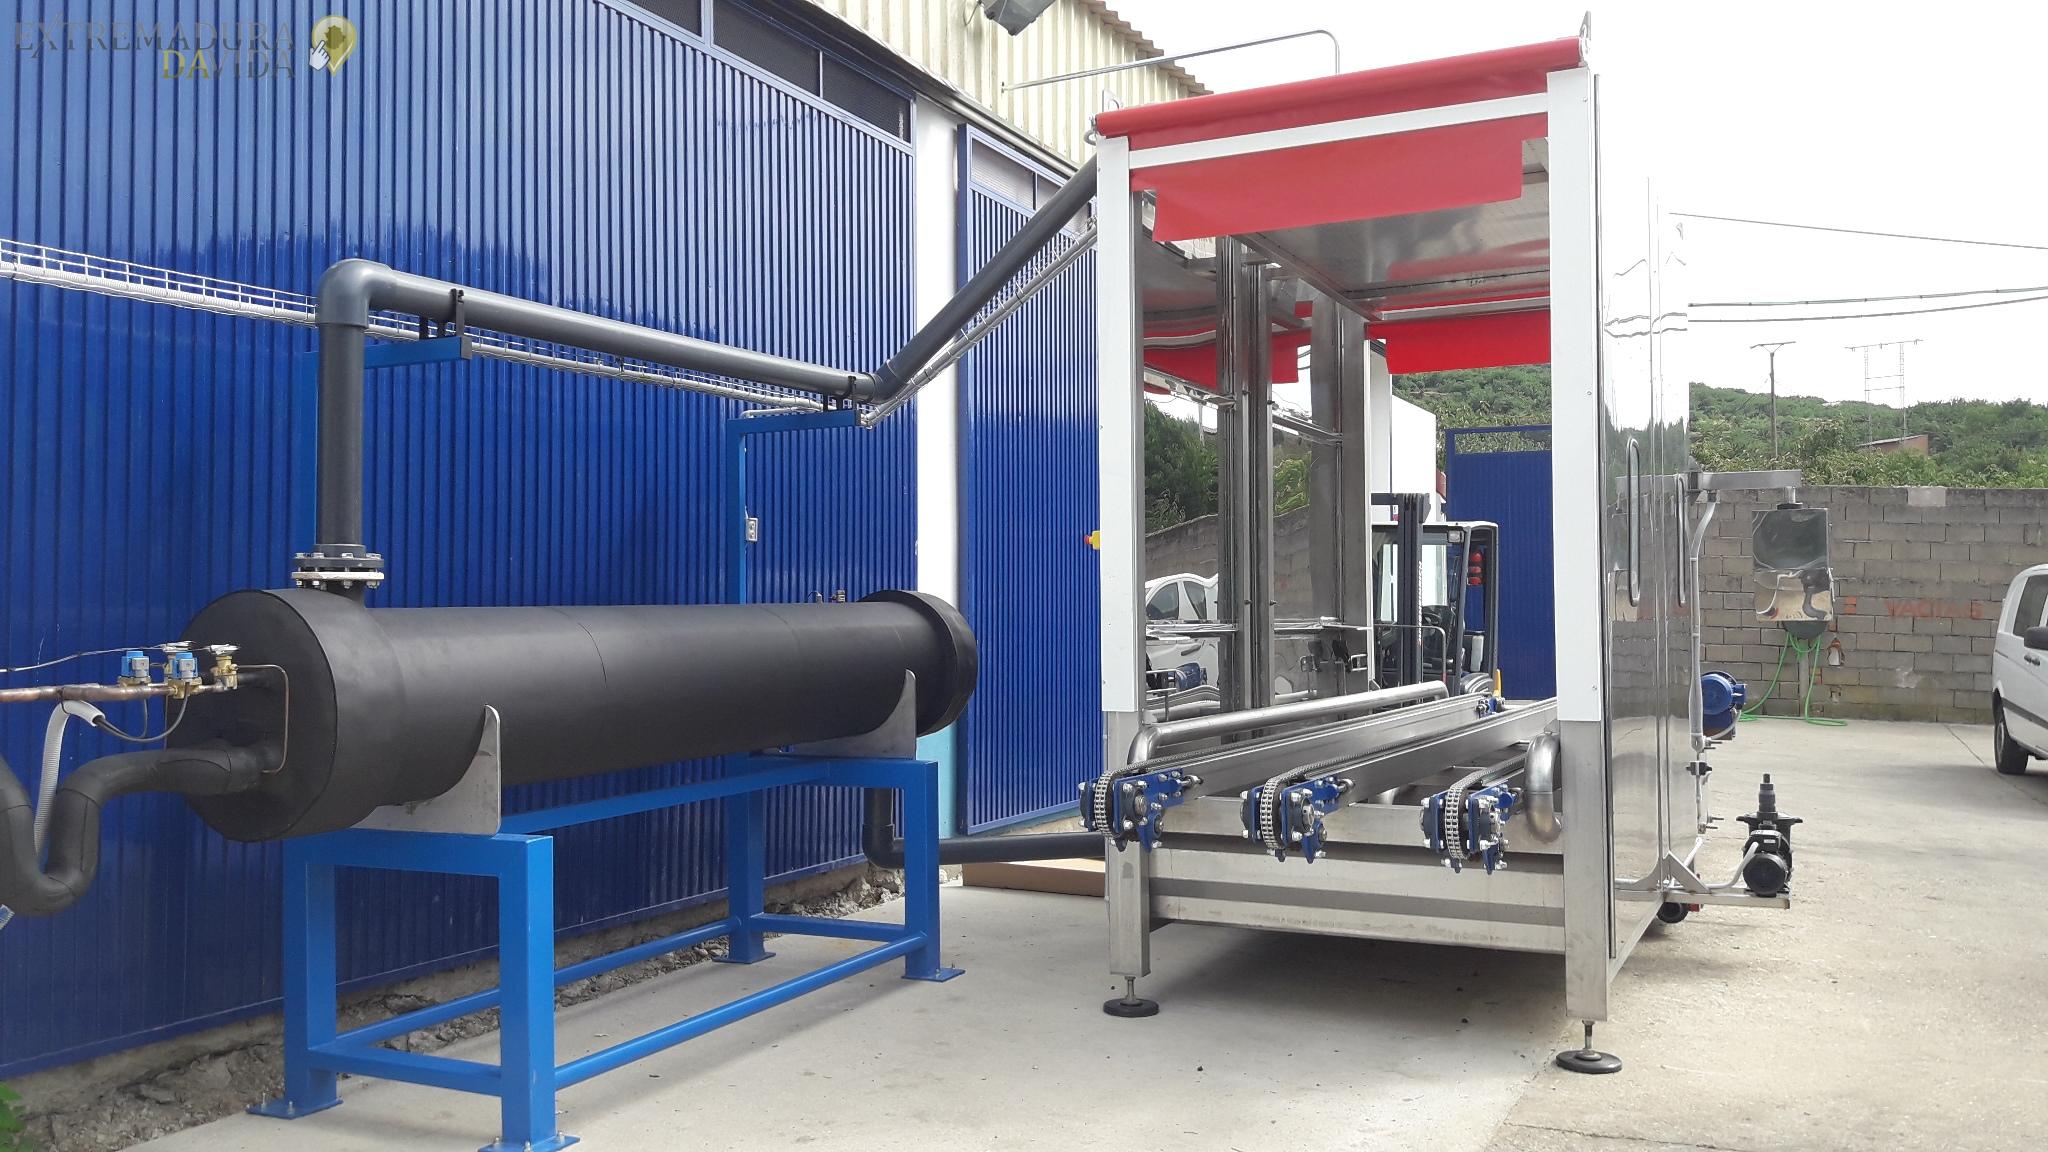 Fabricante Exportacion Maquinaria Agricola - Extremadura